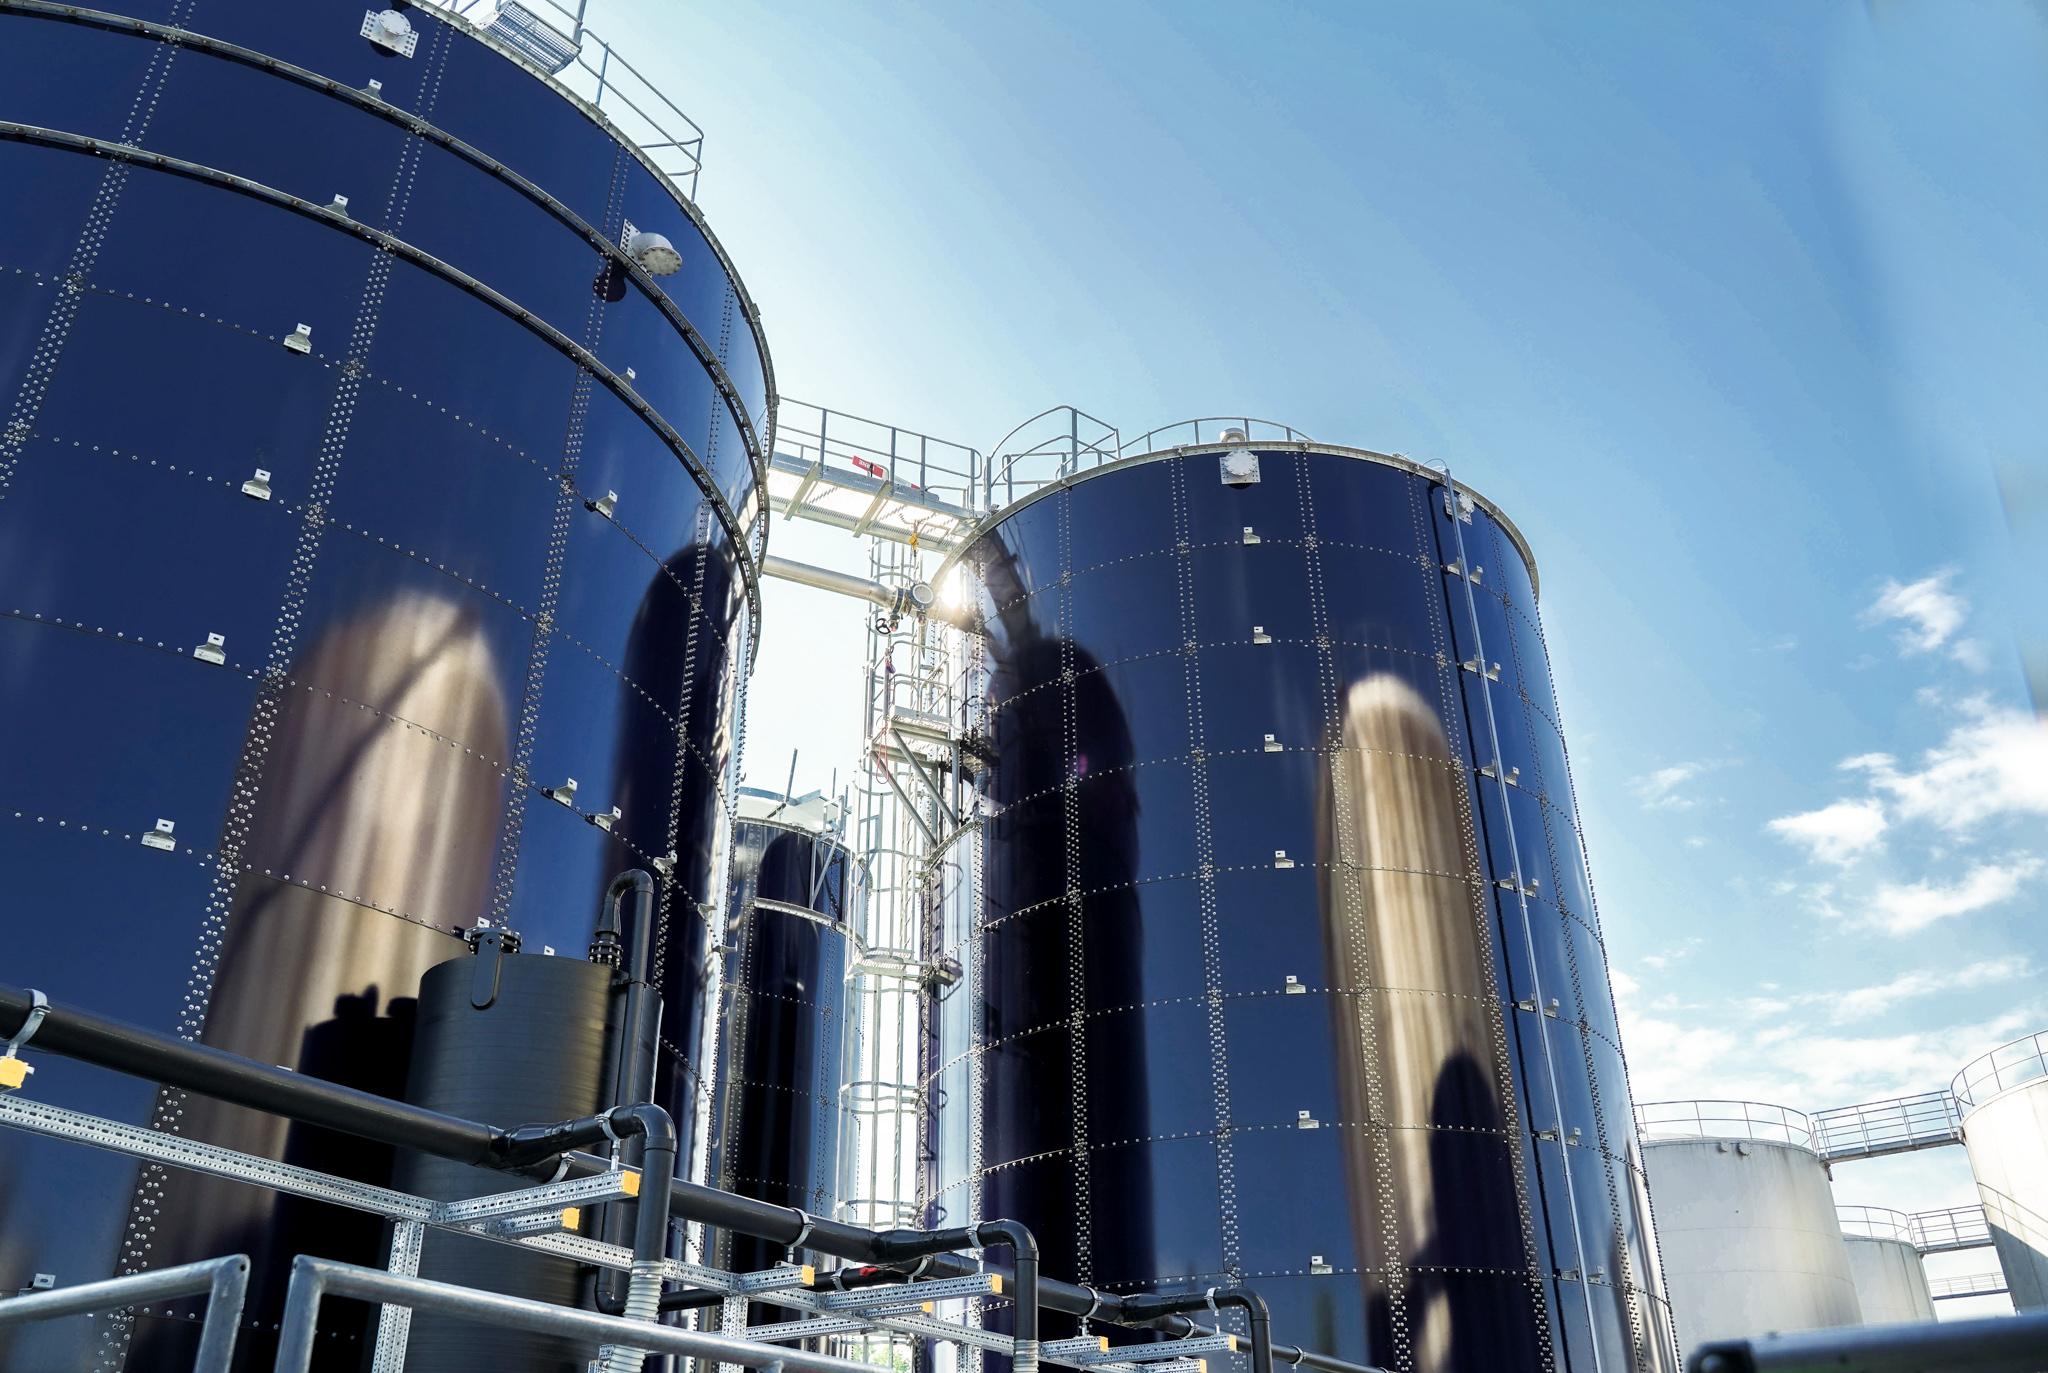 n dieser Anlage zur biologischen Abwassereinigung wird in den zwei in Reihe geschalteten Schwebebettreaktoren der TOC mit Hilfe von Mikroorganismen abgebaut, die auf einem speziellen Trägermaterial im Reaktor wachsen.